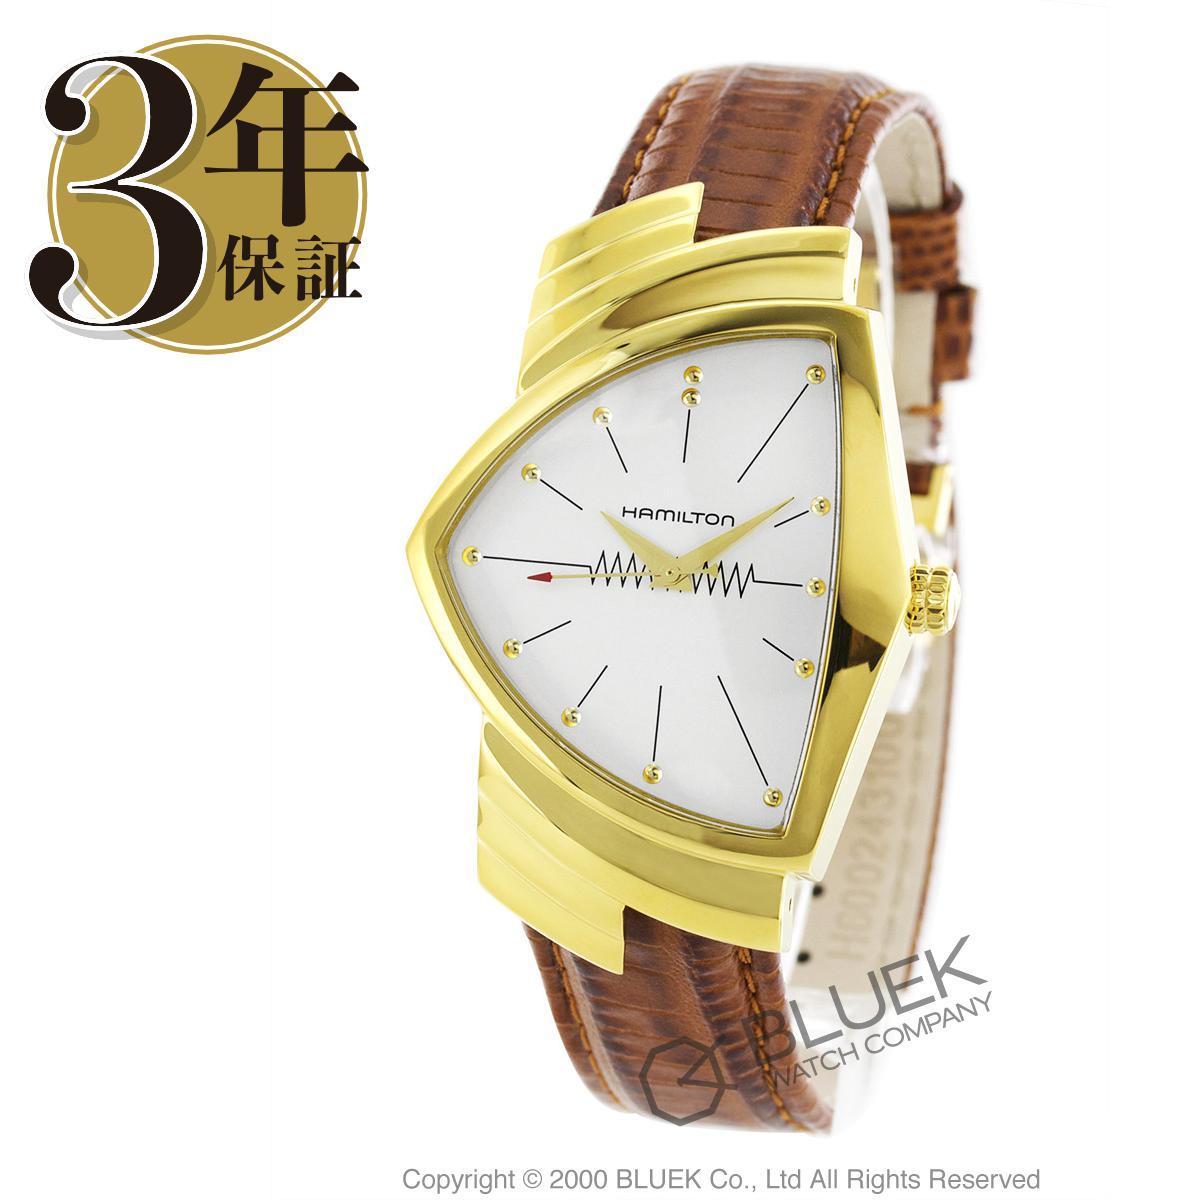 ハミルトン ベンチュラ 腕時計 メンズ HAMILTON H24301511_8 バーゲン 成人祝い ギフト プレゼント